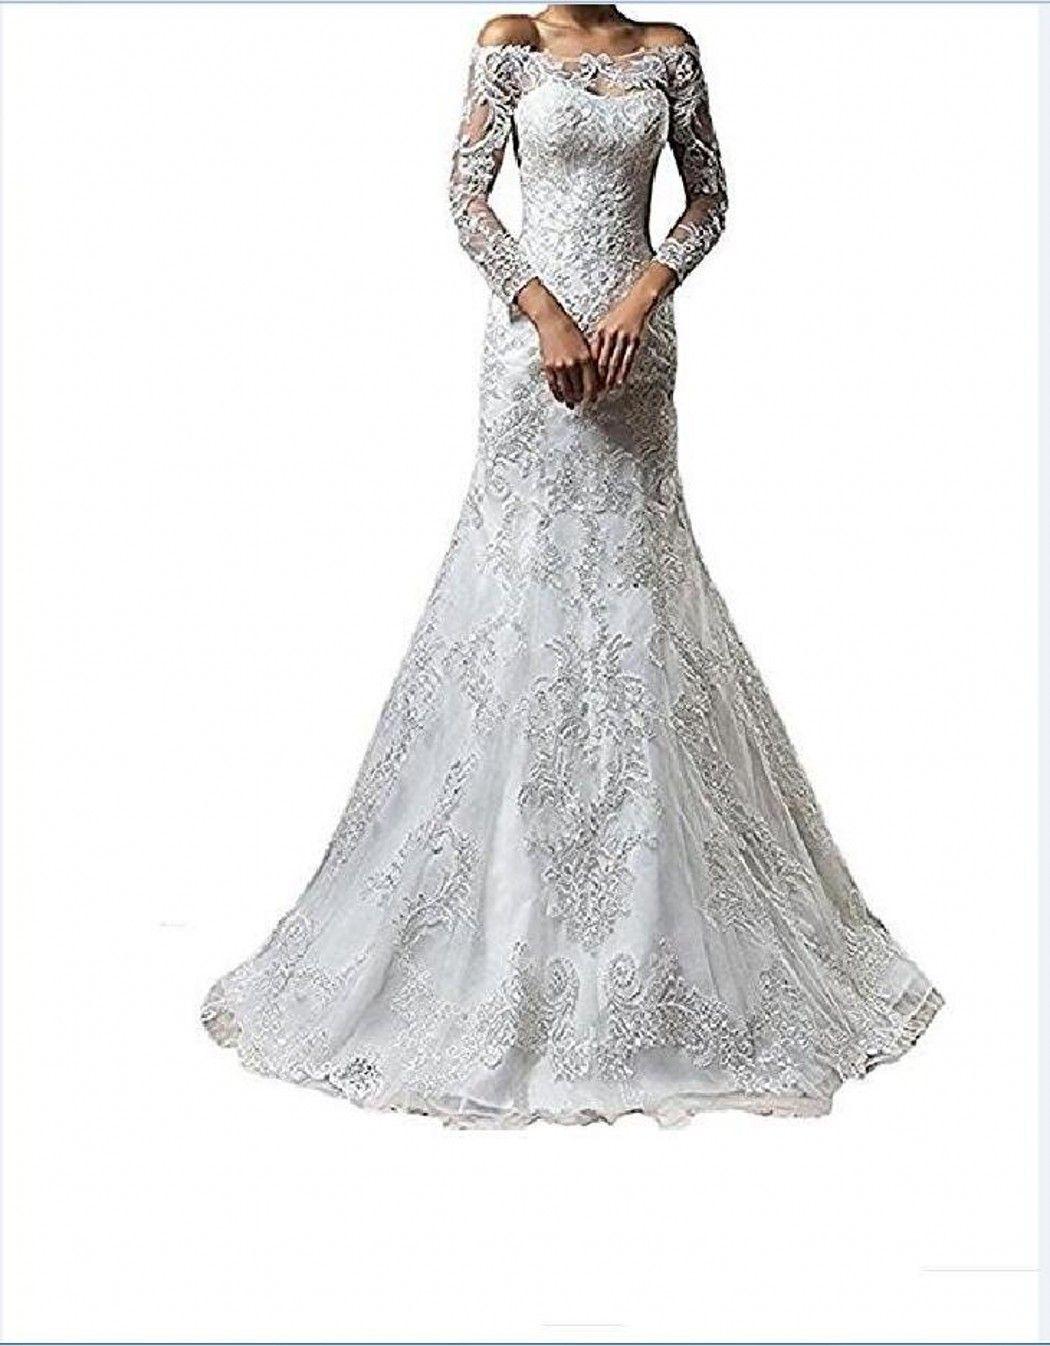 Vintage Bateau Neck Lace Long Sleeve Wedding Dresses With Detachable Skirt Plus Size Illusion 2018 Train vestido de noiva Bridal Gown Ball